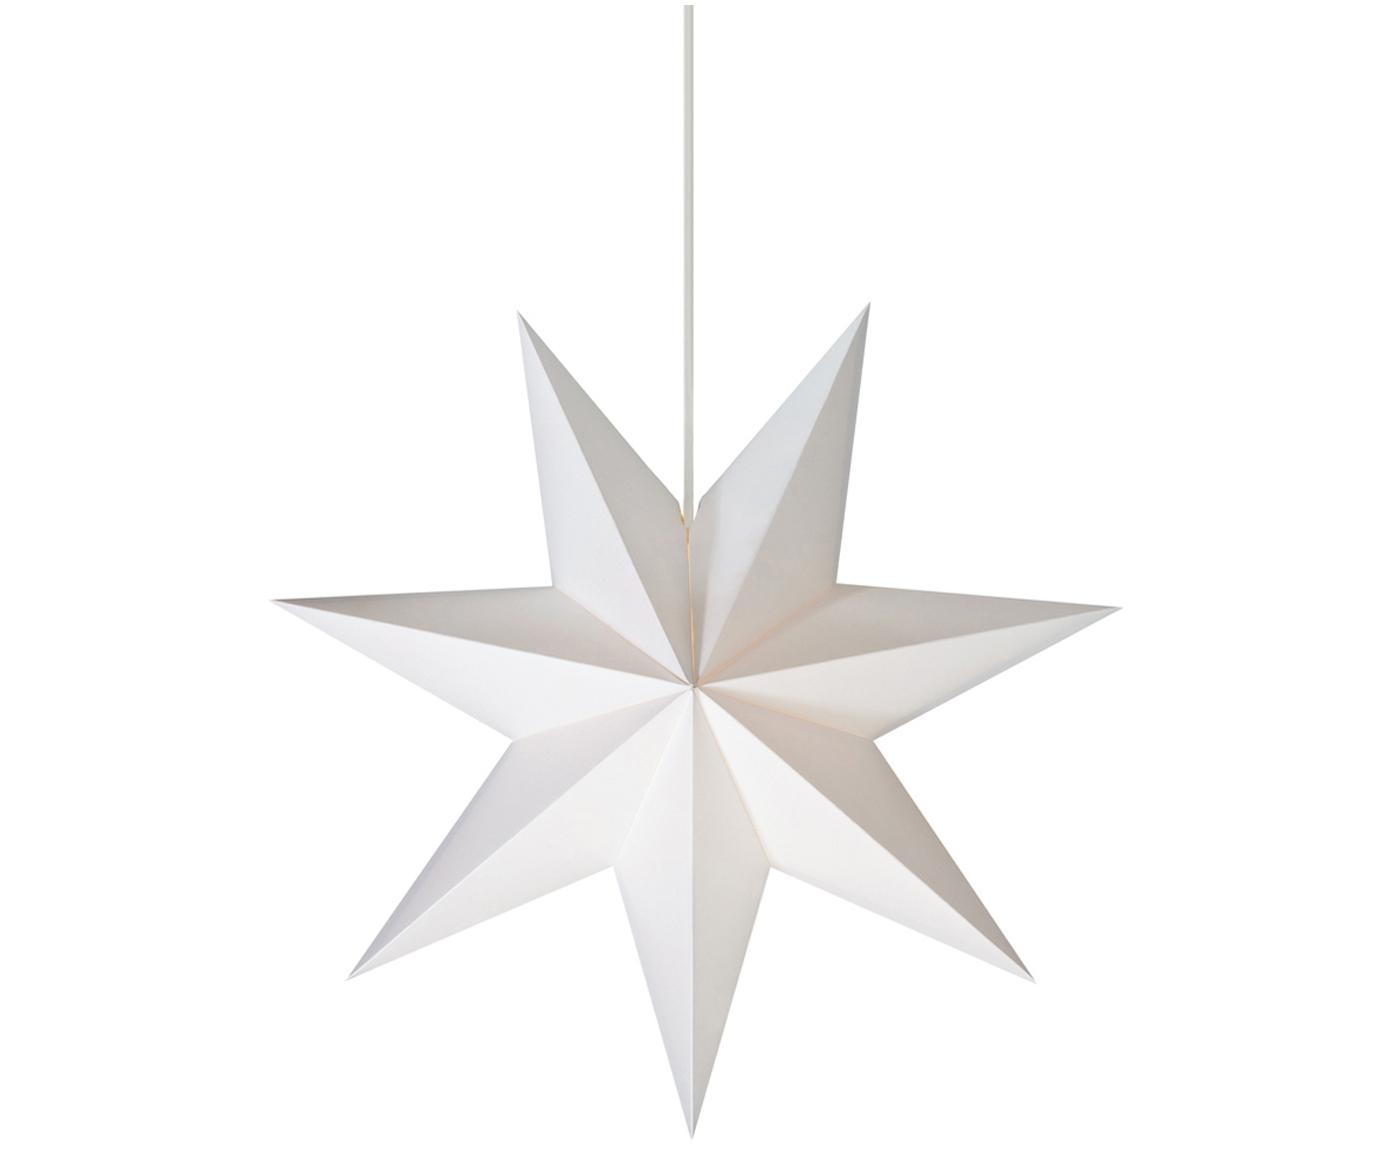 Leuchtstern Duva, Weiß, Ø 45 cm